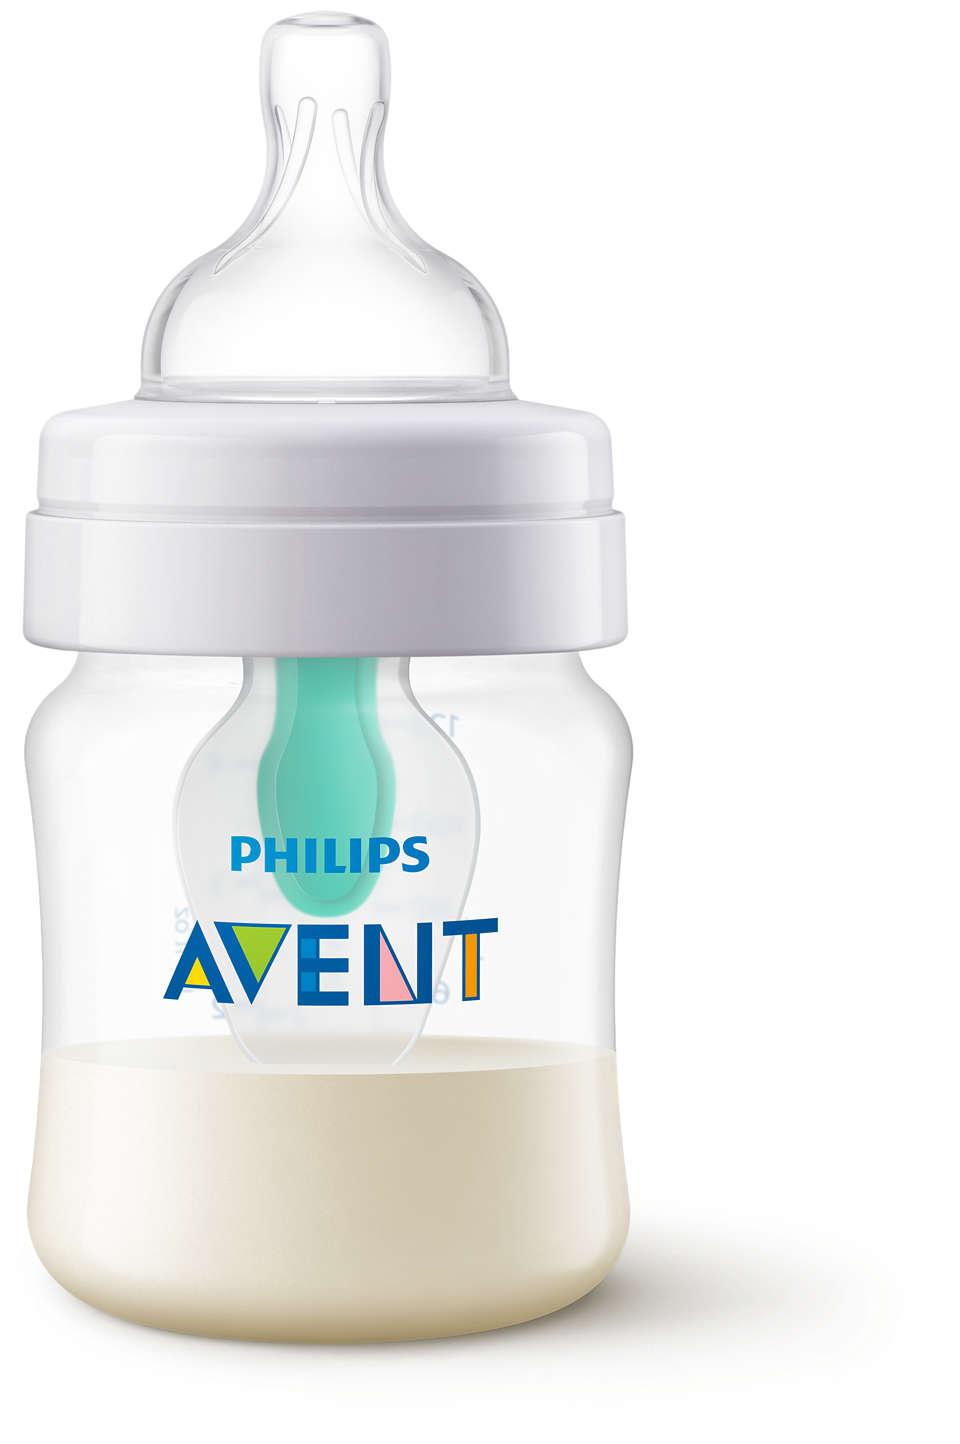 Ideato per ridurre coliche, gas e reflusso*